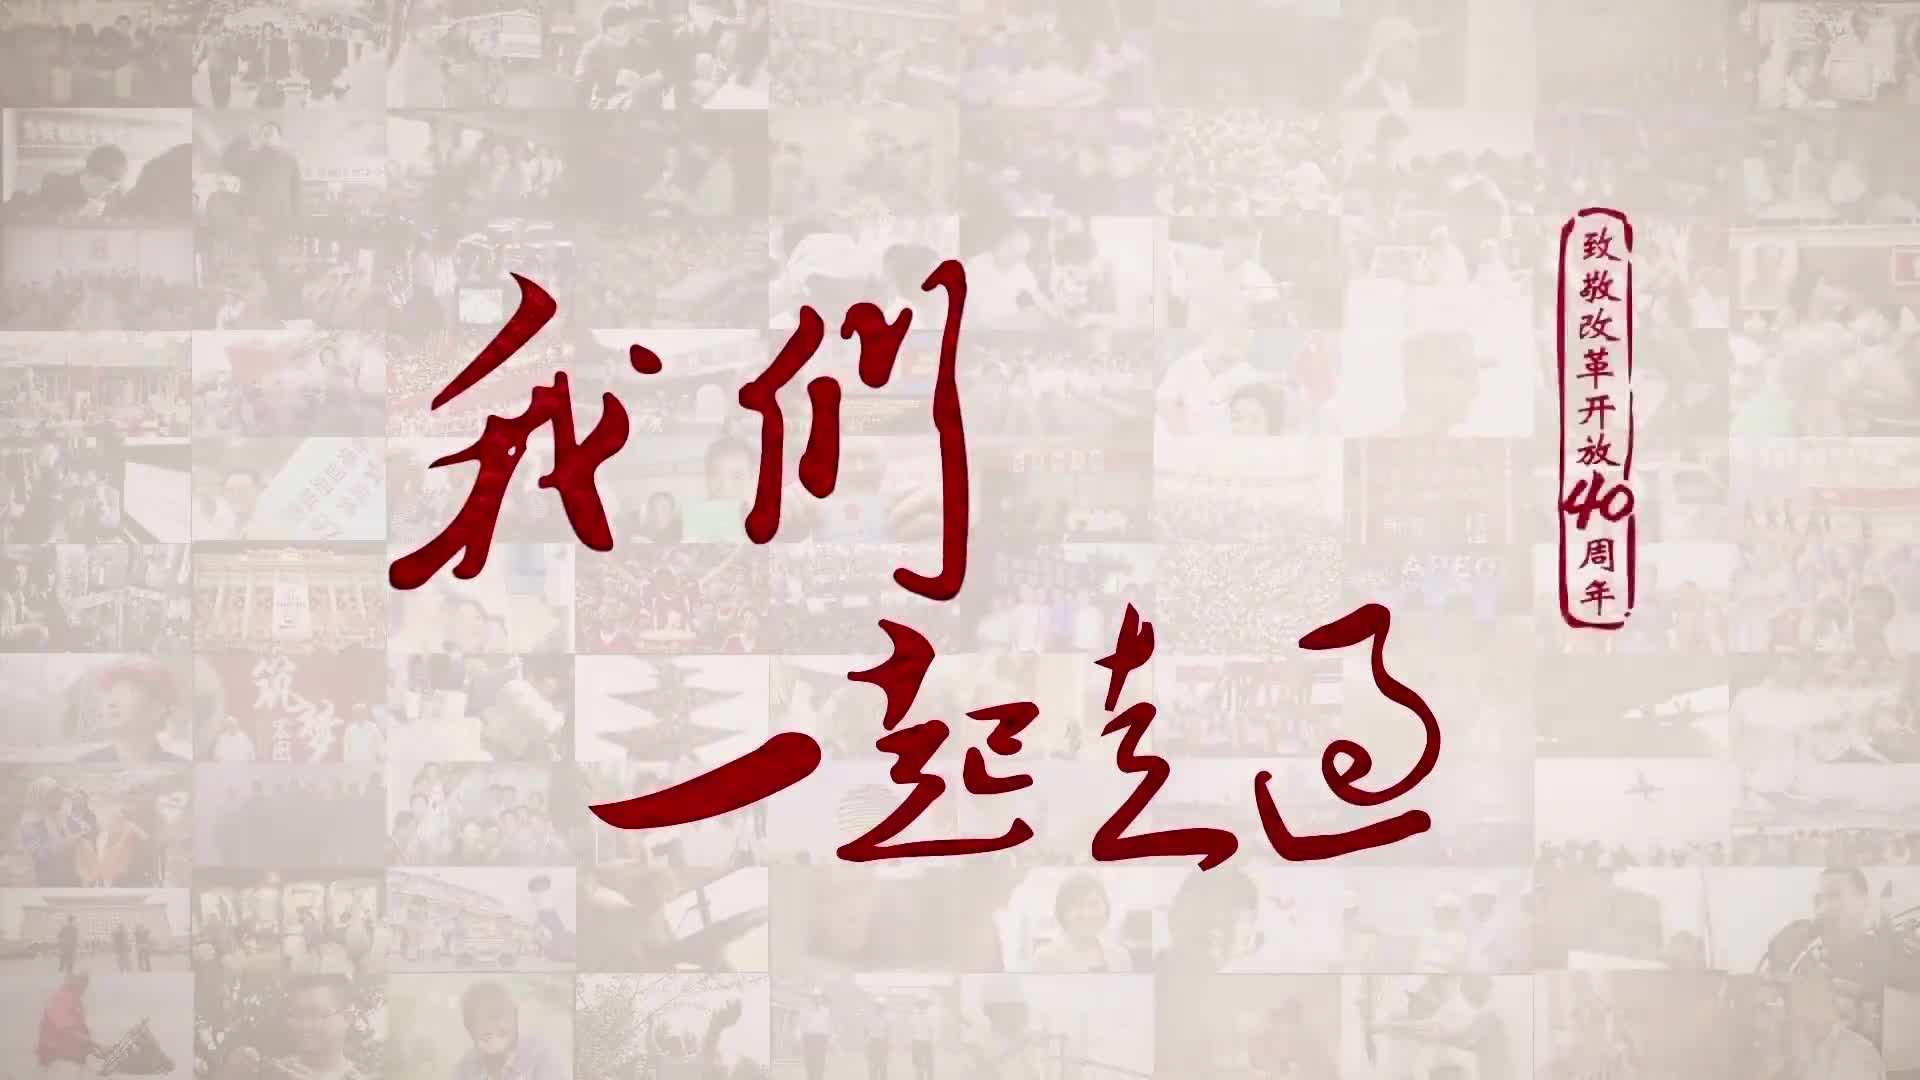 《我们一起走过——致敬改革开放40周年》 第十一集 百花齐放春满园